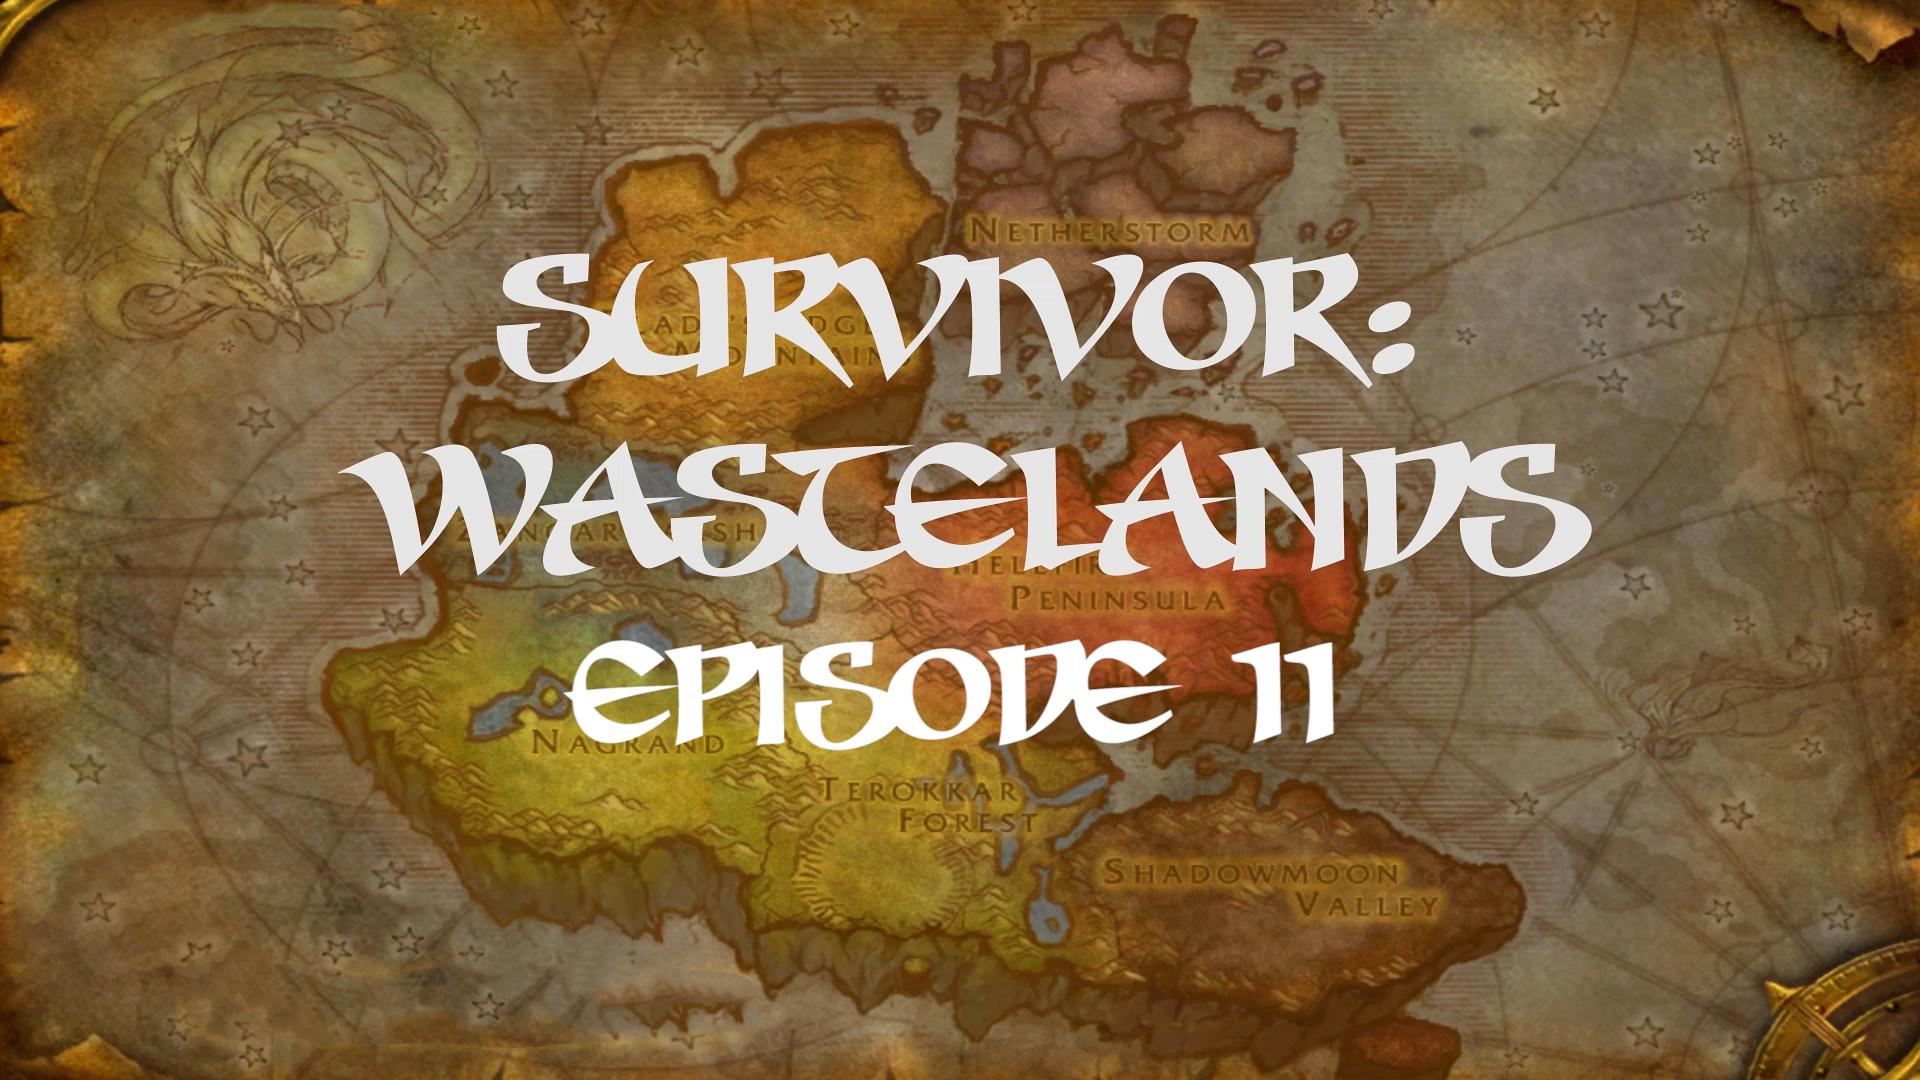 Survivor Wastelands Episode 11.jpg